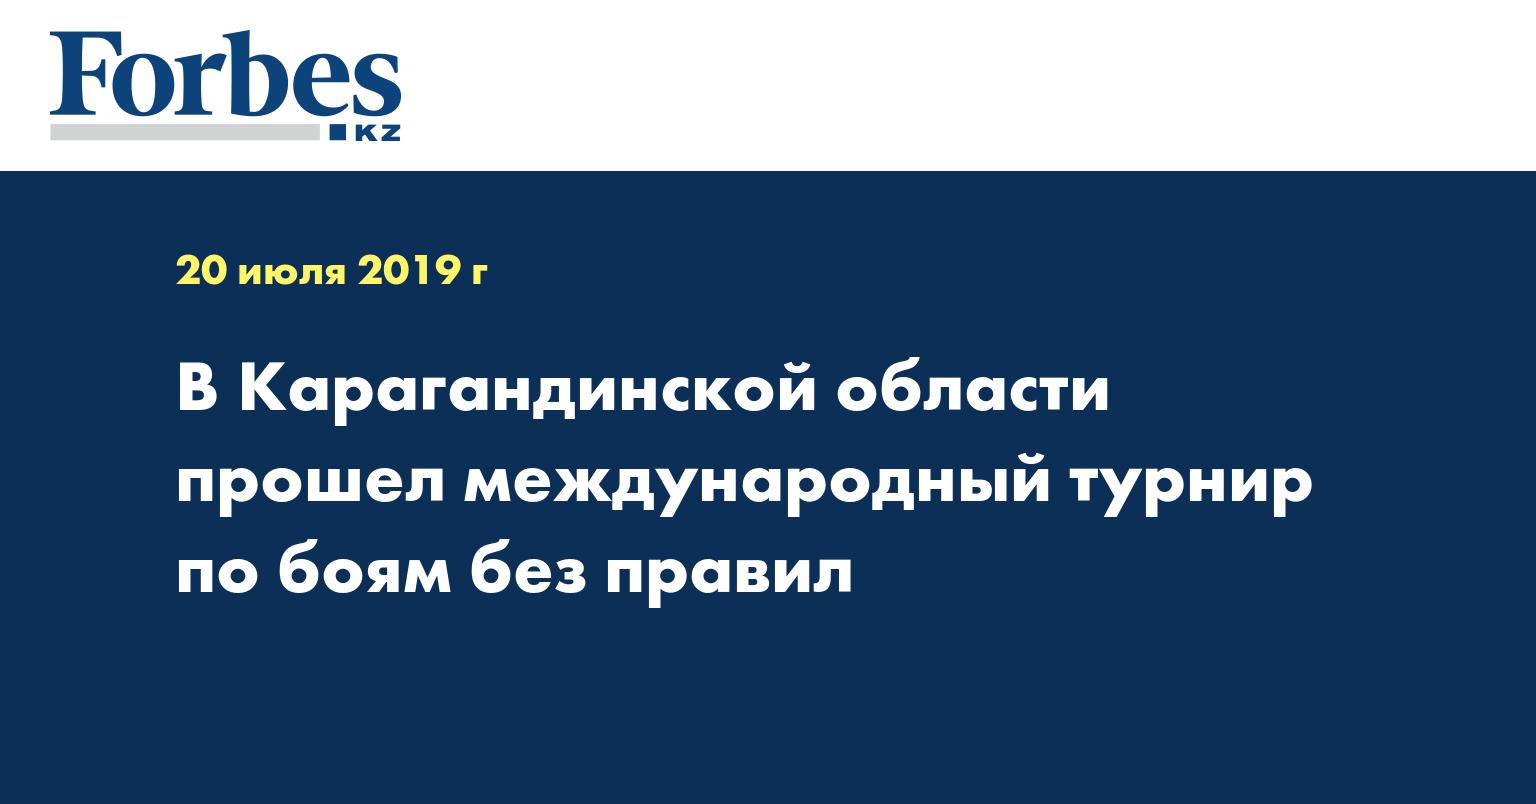 В Карагандинской области прошел международный турнир по боям без правил